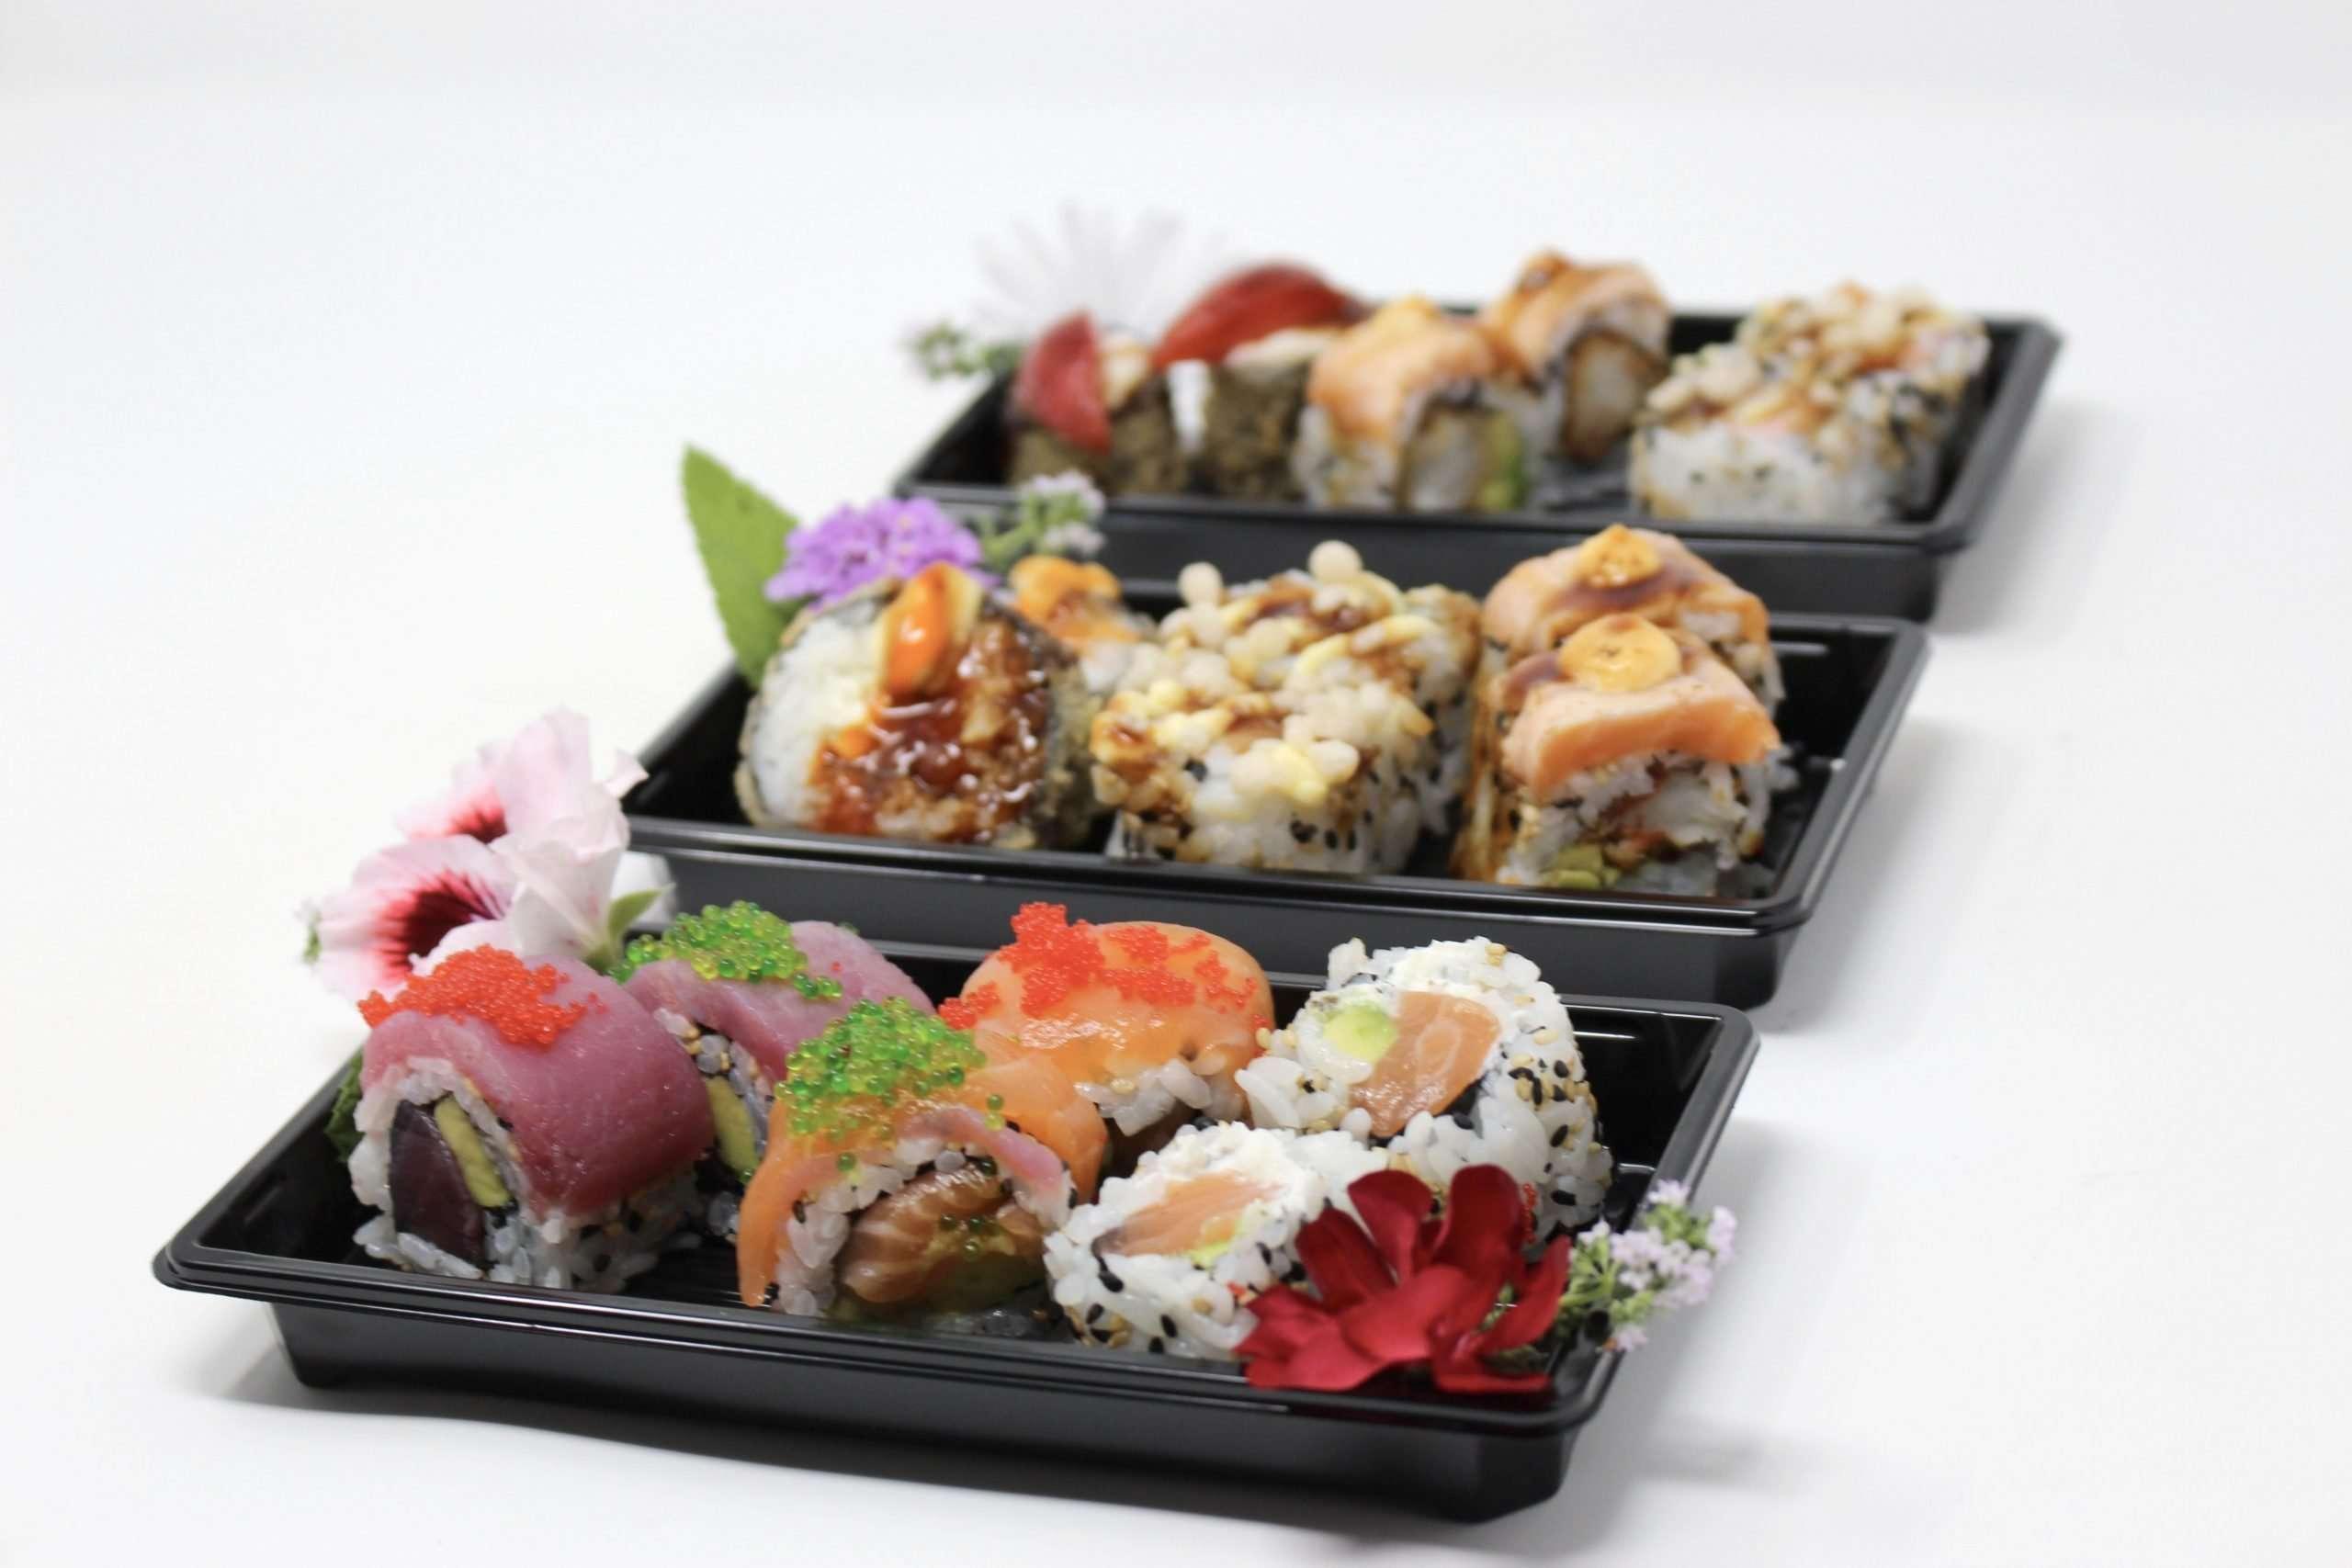 Sushi delivery ristorante capo vaticano tropea